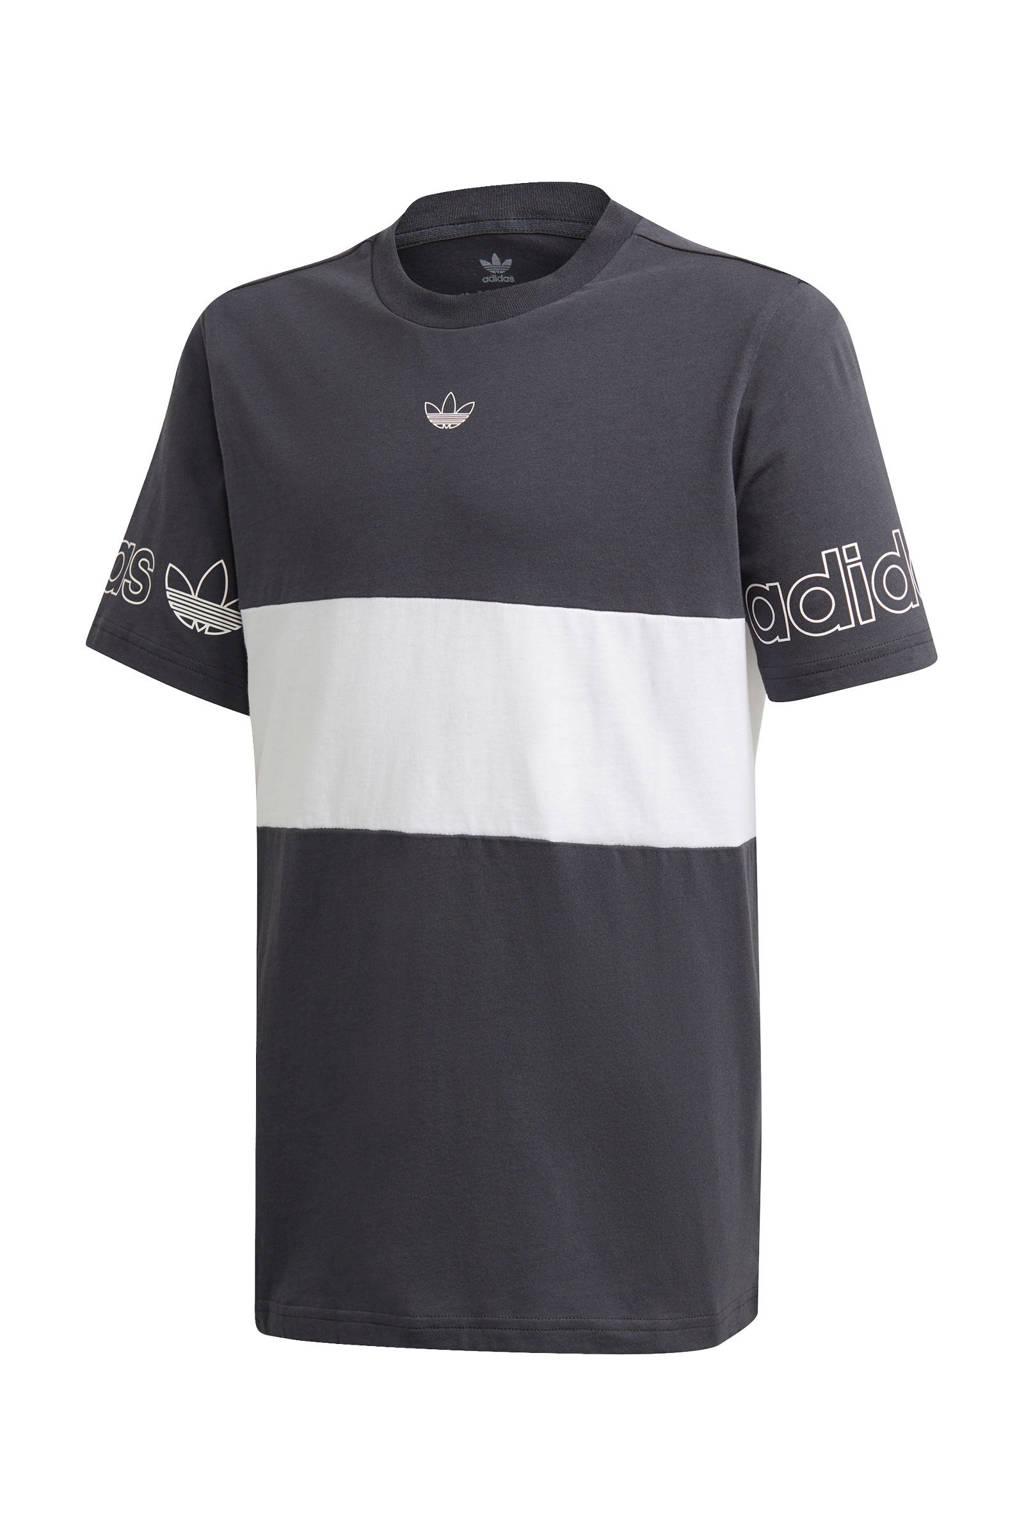 adidas Originals T-shirt grijs/wit, Grijs/wit